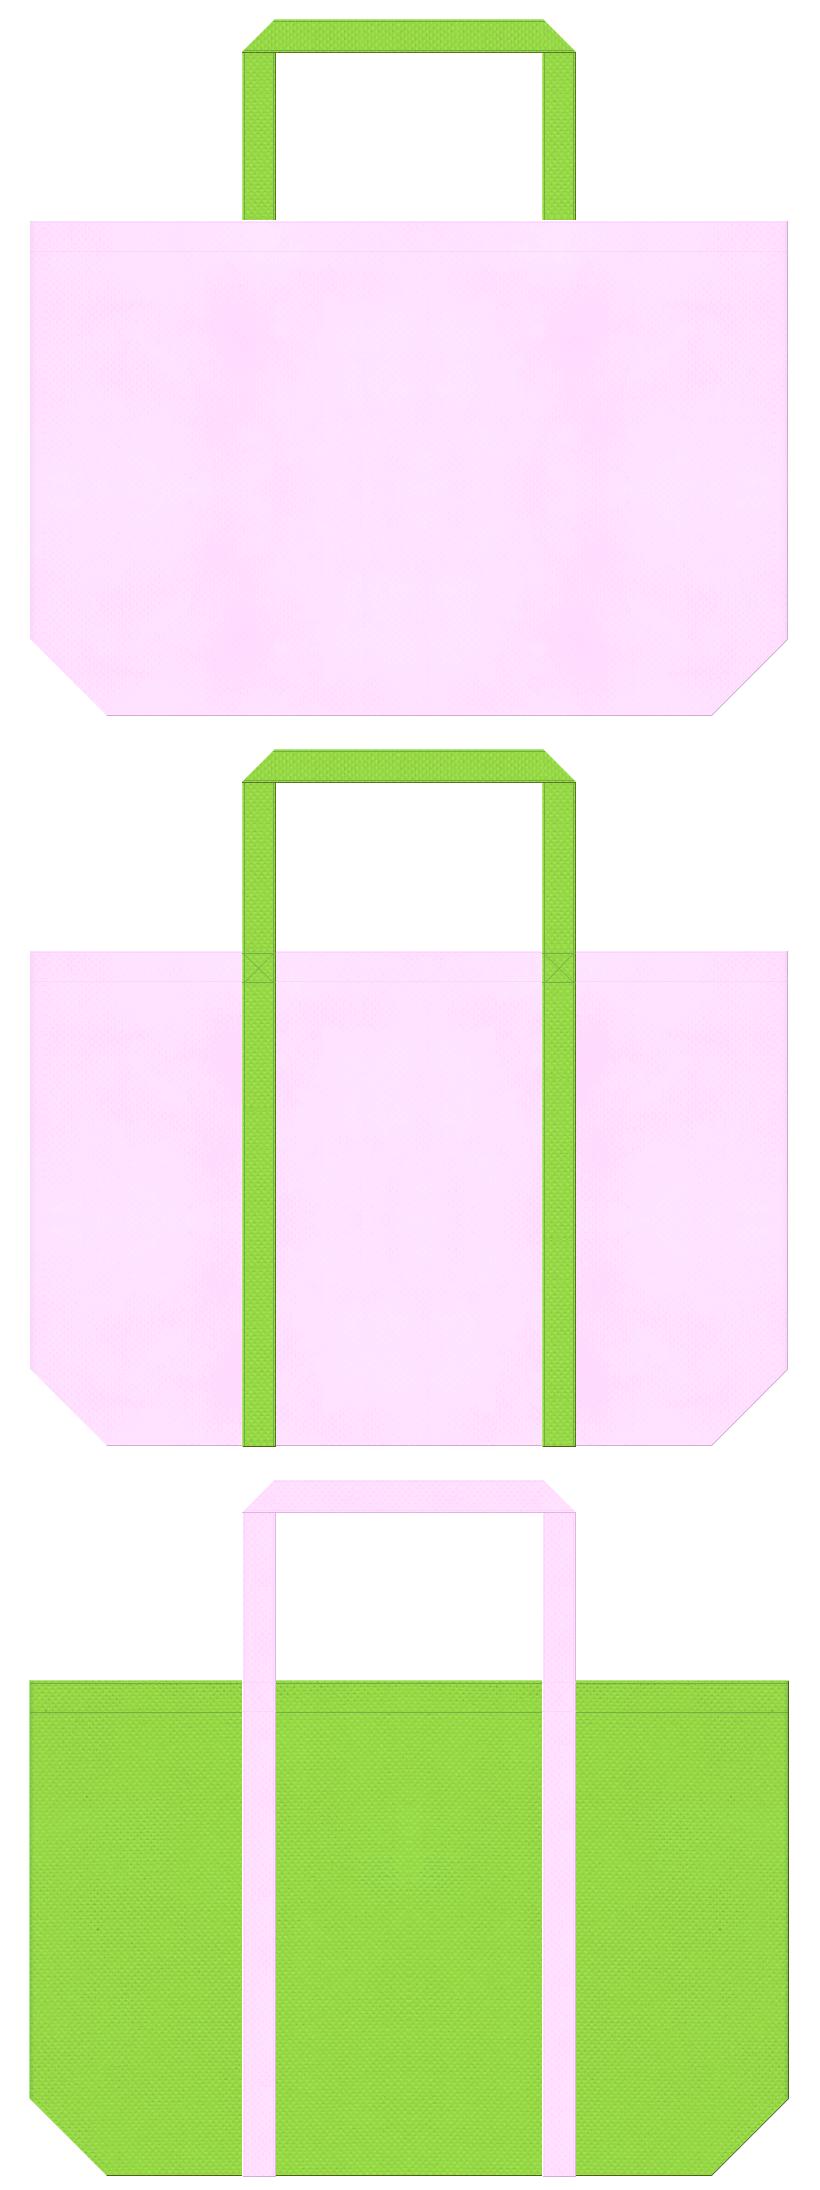 絵本・インコ・お花見・葉桜・アサガオ・あじさい・医療施設・介護施設・春のイベント・フラワーショップにお奨めの不織布バッグデザイン:明るいピンク色と黄緑色のコーデ